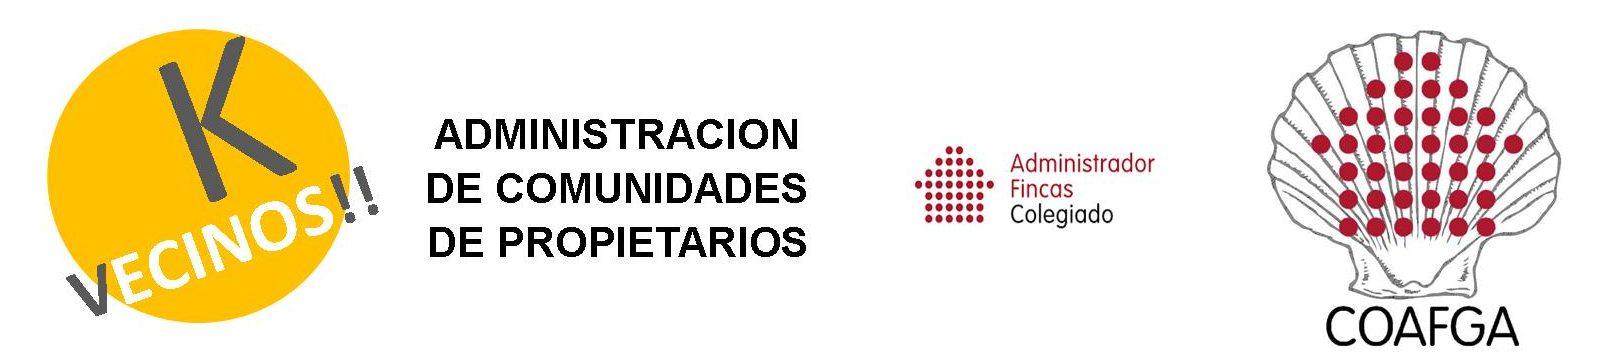 """""""OK VECINOS"""" = ADMINISTRACION DE COMUNIDADES DE PROPIETARIOS"""